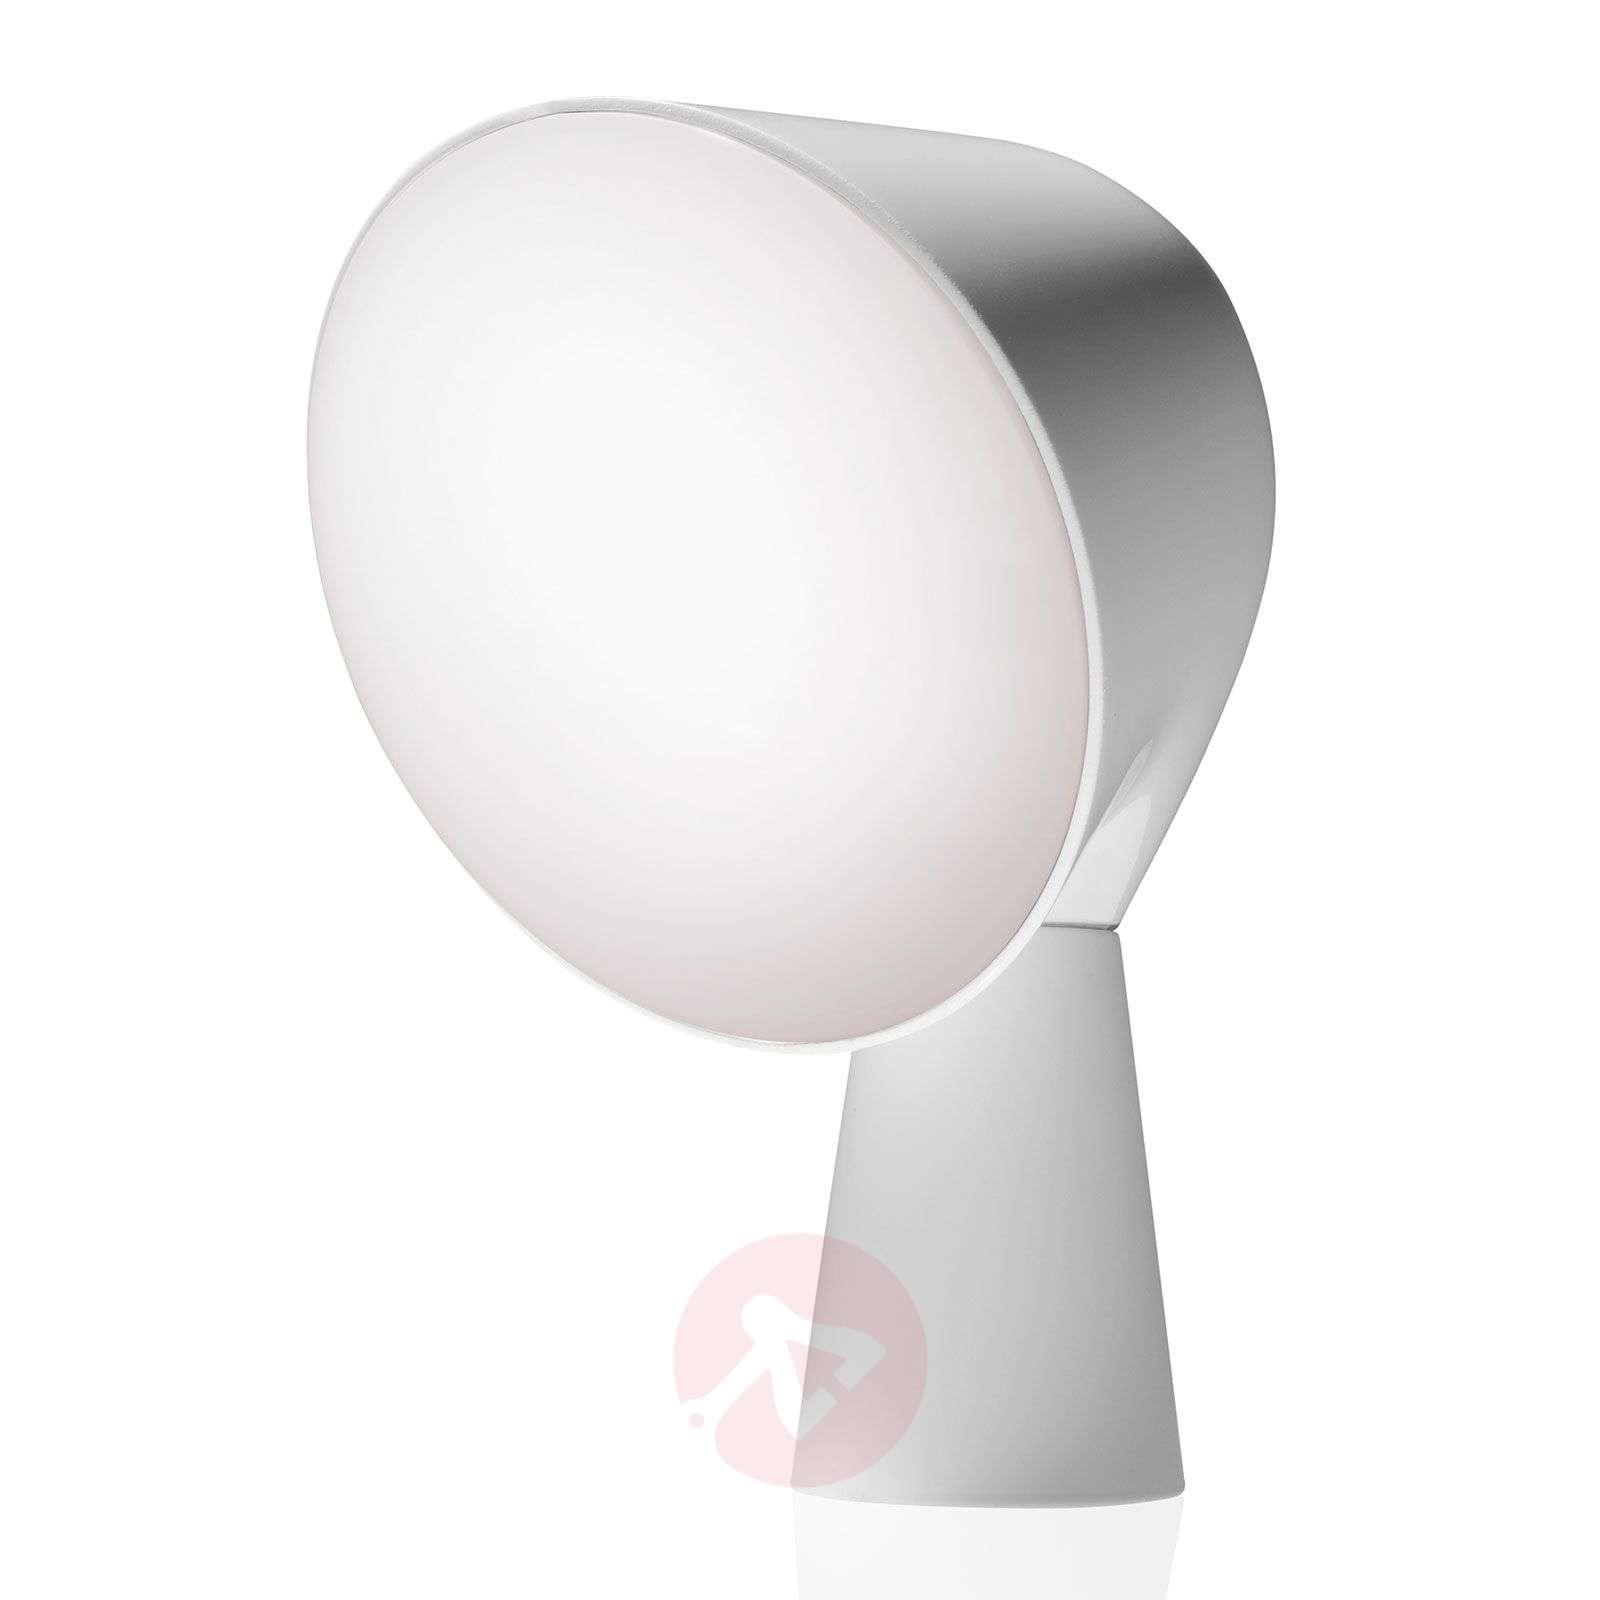 Foscarini Binic design-pöytävalaisin, valkoinen-3560020-01